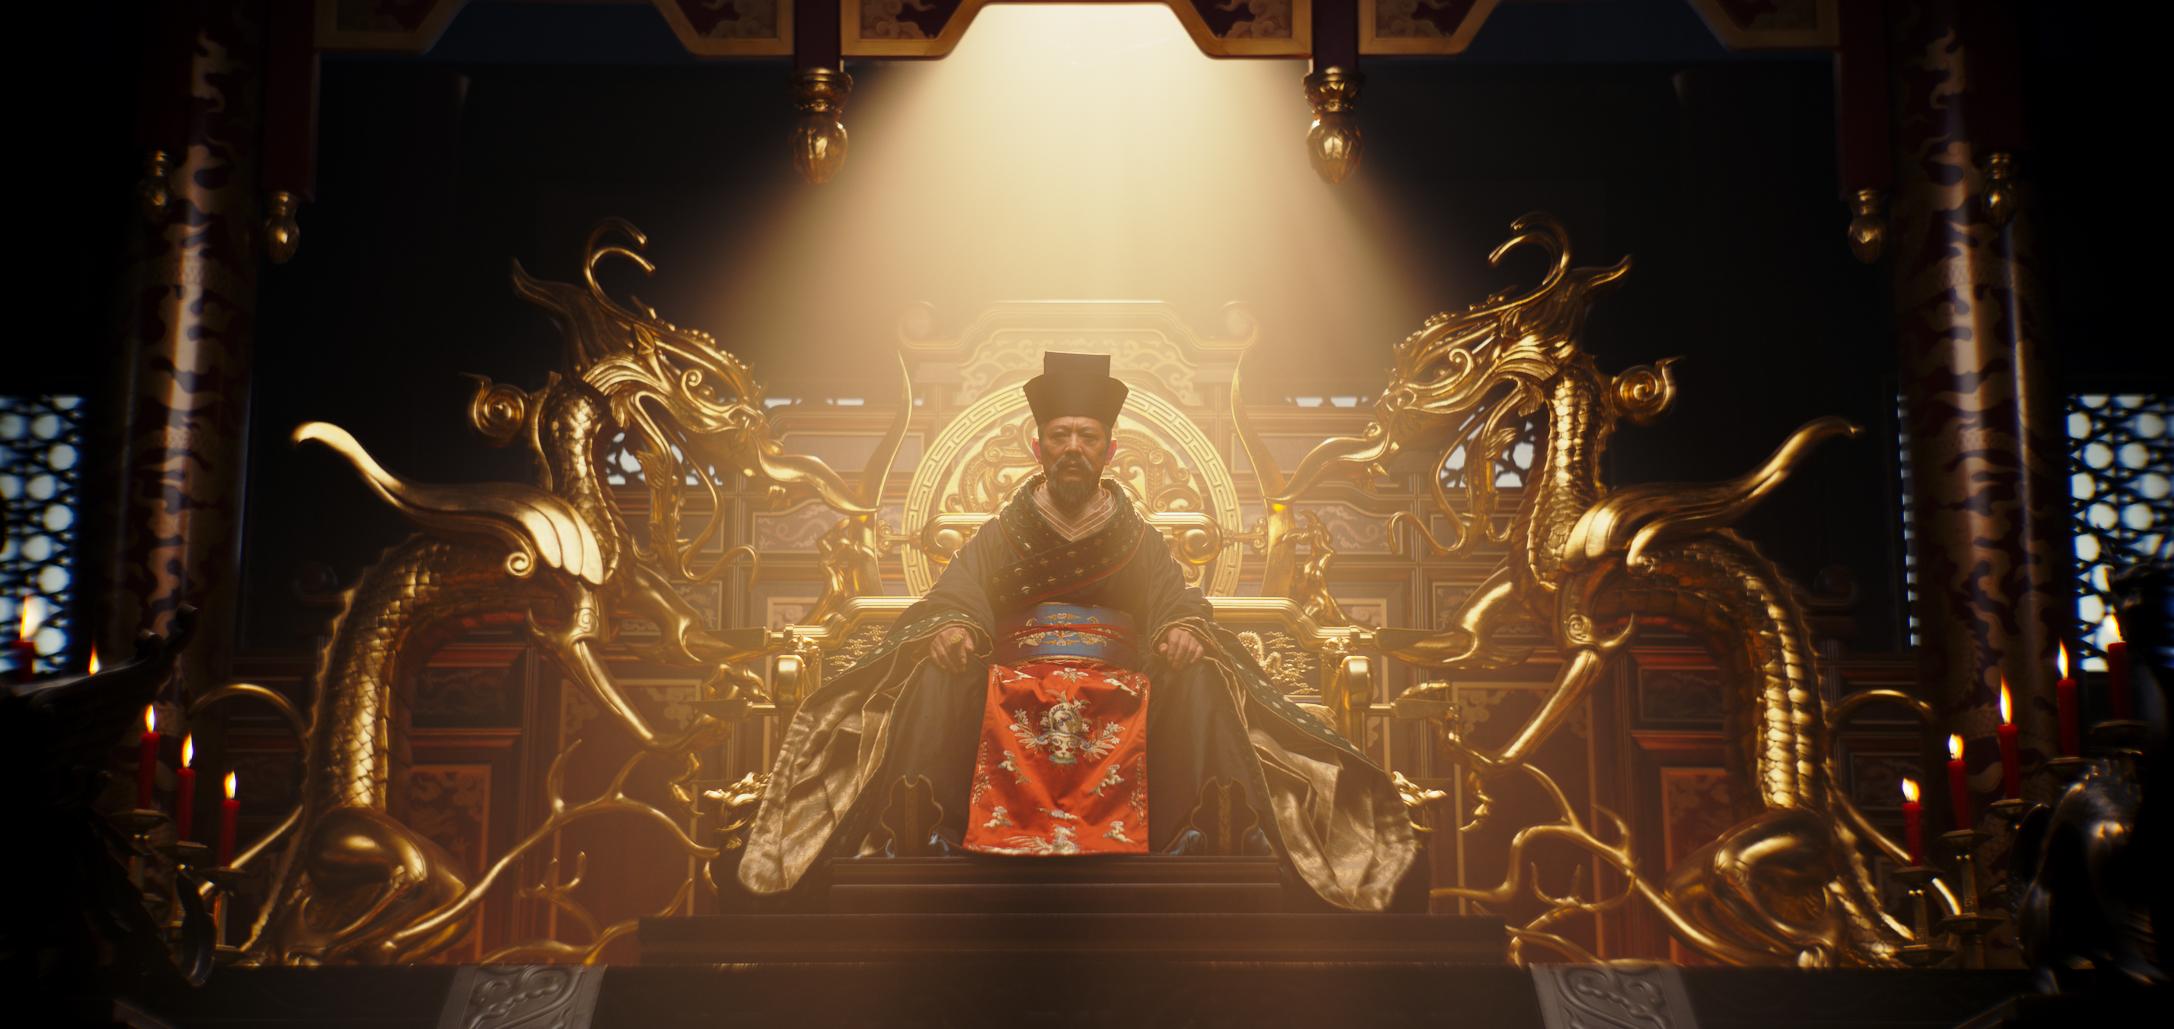 """Kakve poruke nose boje kostima u filmu """"Mulan""""?"""